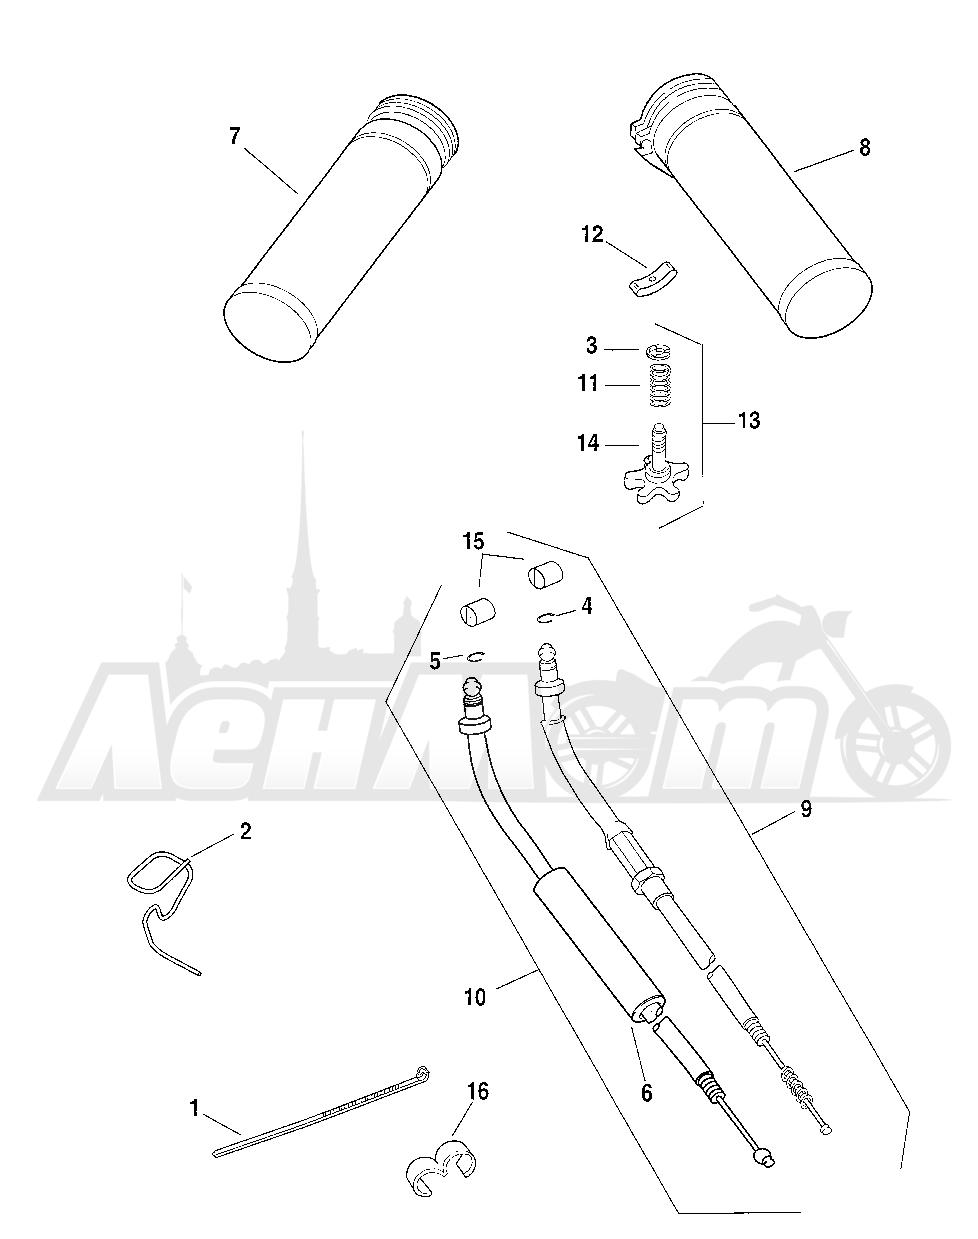 Запчасти для Мотоцикла Harley-Davidson 2005 FXST SOFTAIL® (BH) (CARBURATED) Раздел: THROTTLE CONTROL ASSEMBLY W/ GRIPS | дроссель управление в сборе вместе с ручки